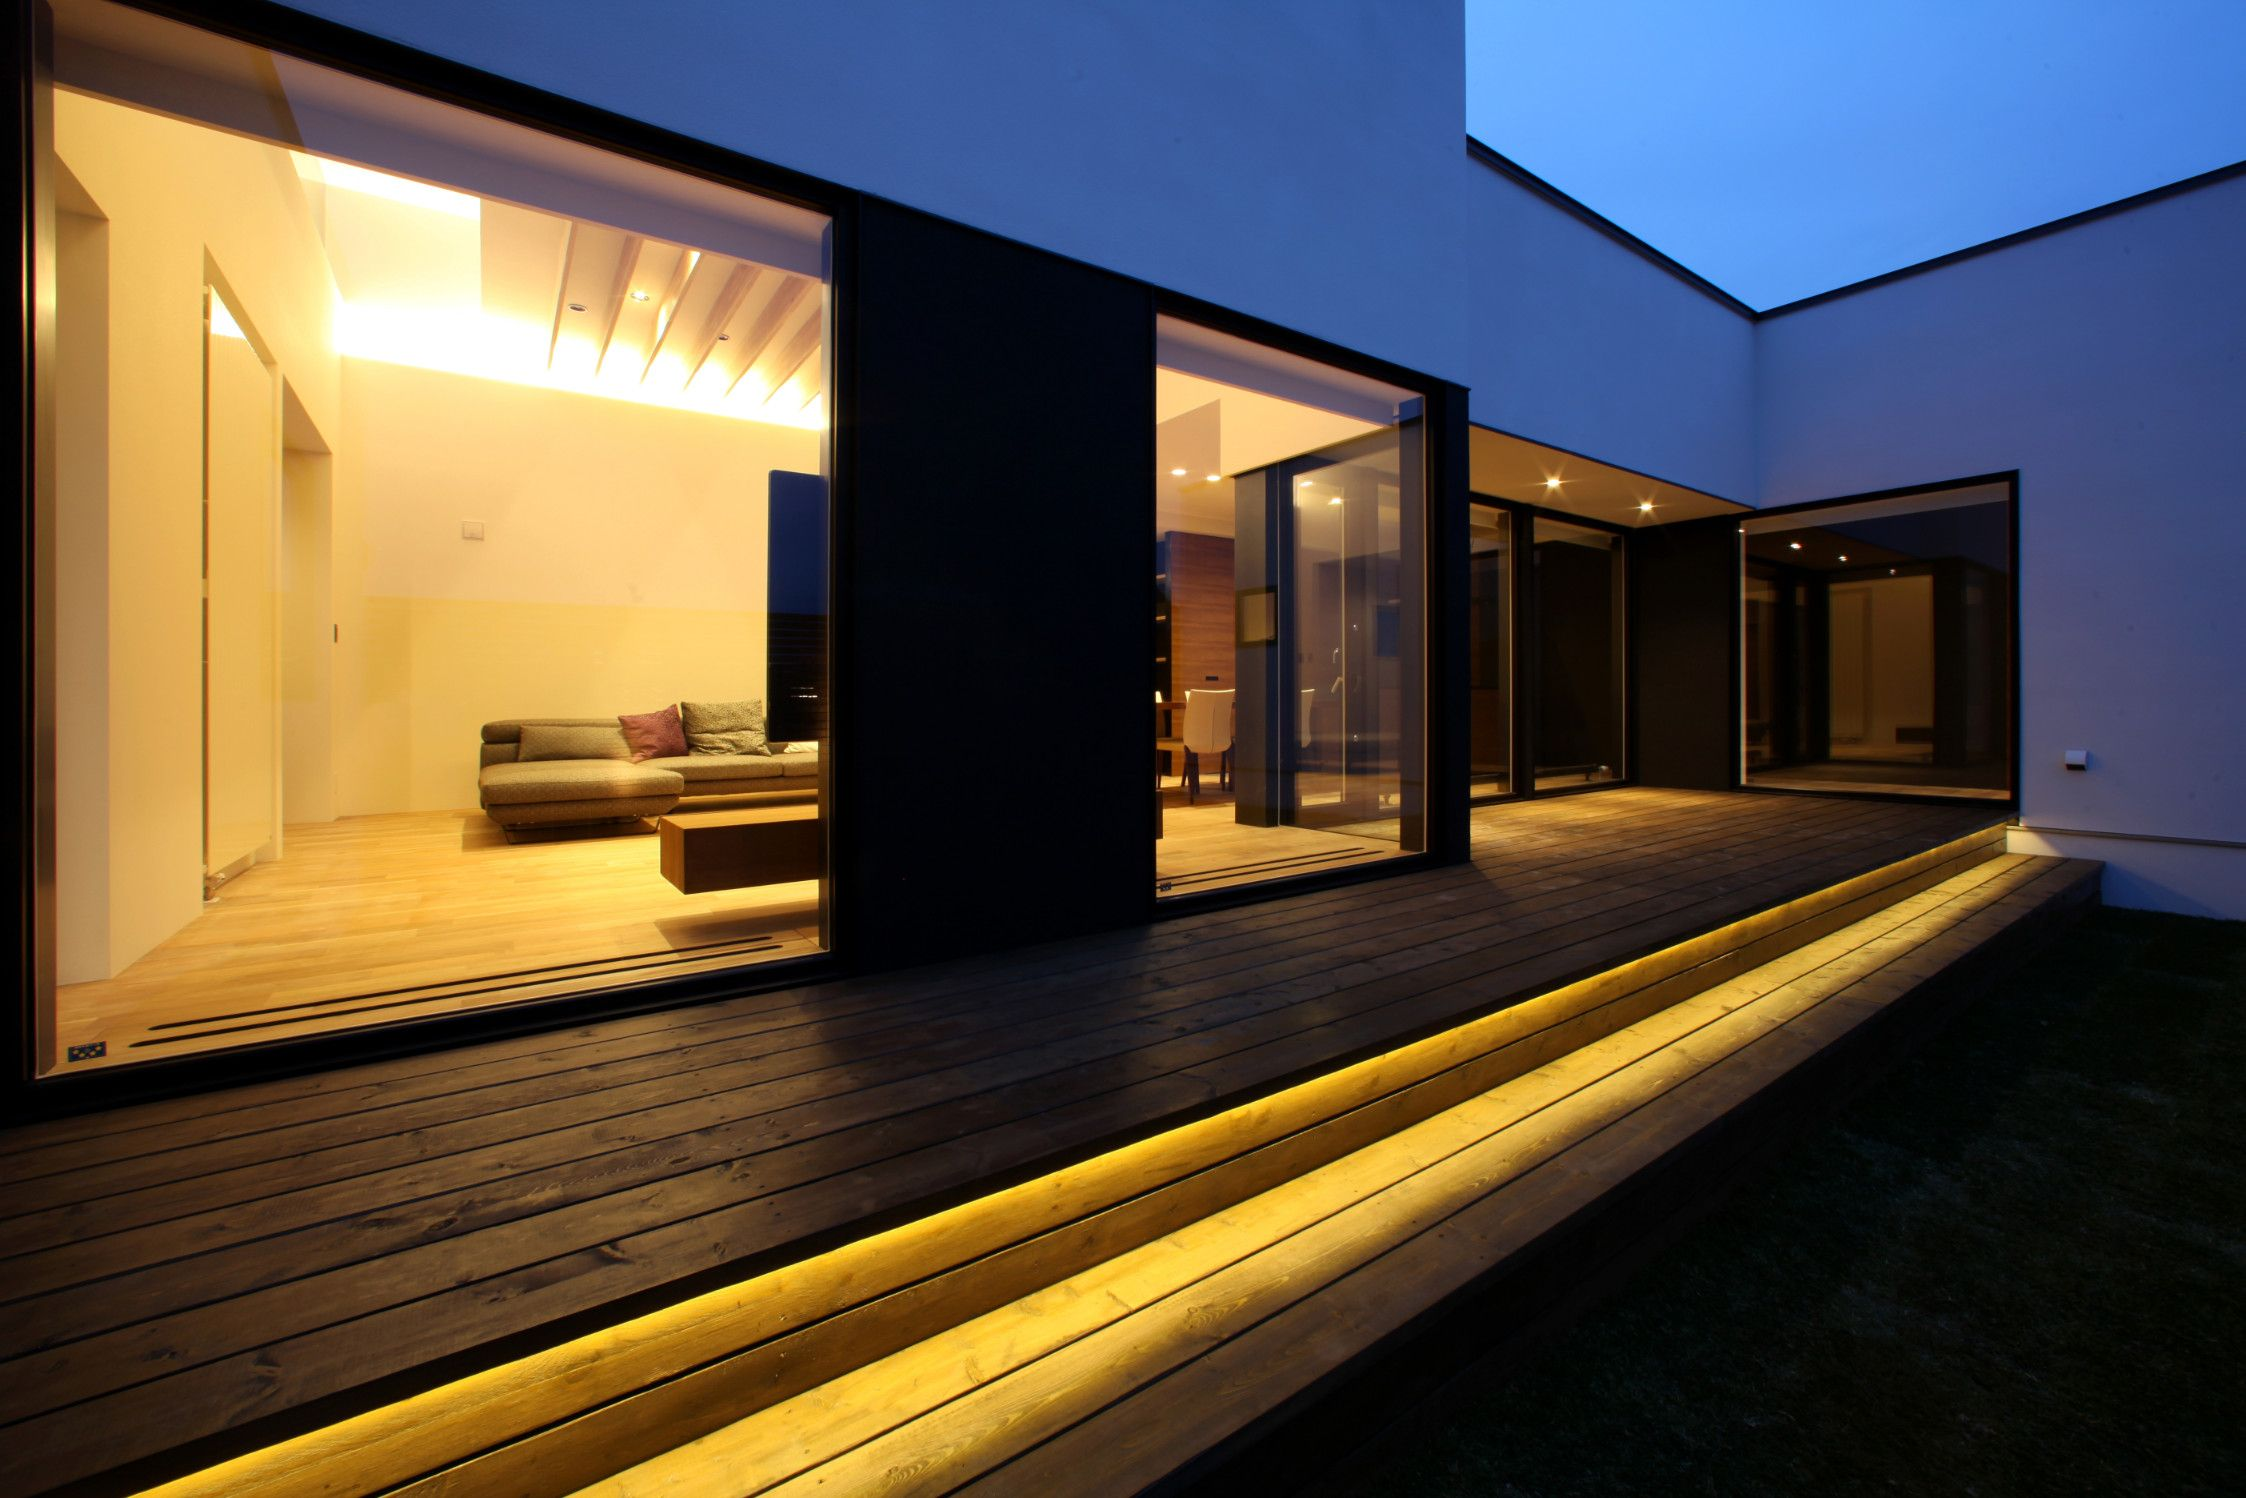 ウッドデッキに間接照明を入れることで 夜でも中庭を楽しめるようにしました 建築 住宅 中庭 デッキ 間接照明 窓 Architecture House Courtyard Wooddeck Indirectlighting Wall Window 家 平屋外観 建築デザイン